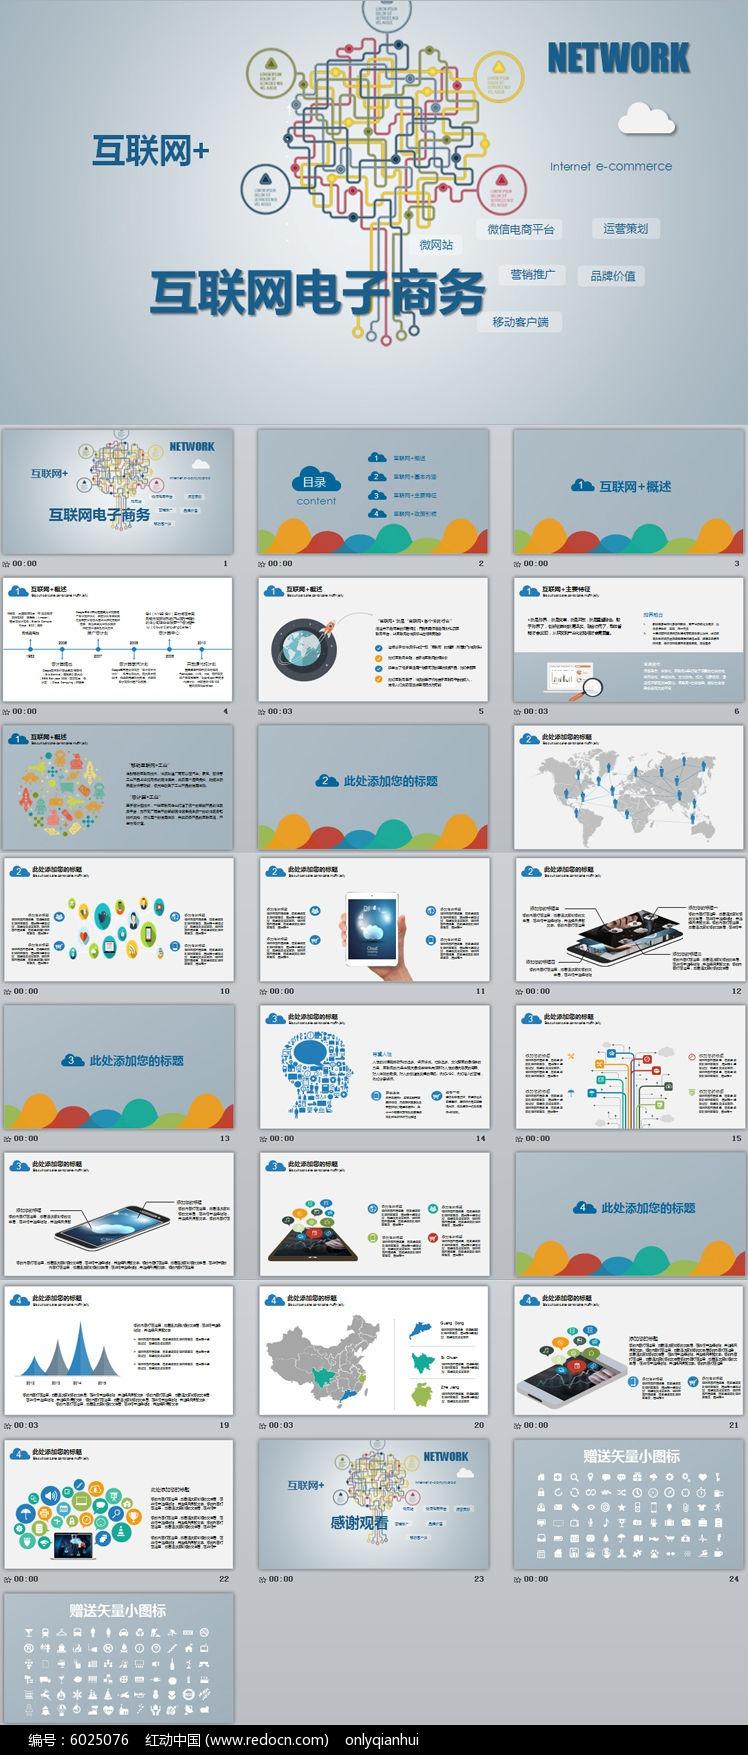 移动互联网+云计算物联网电子商务扁平化创业商业融资计划书电商路演动态PPT模板图片